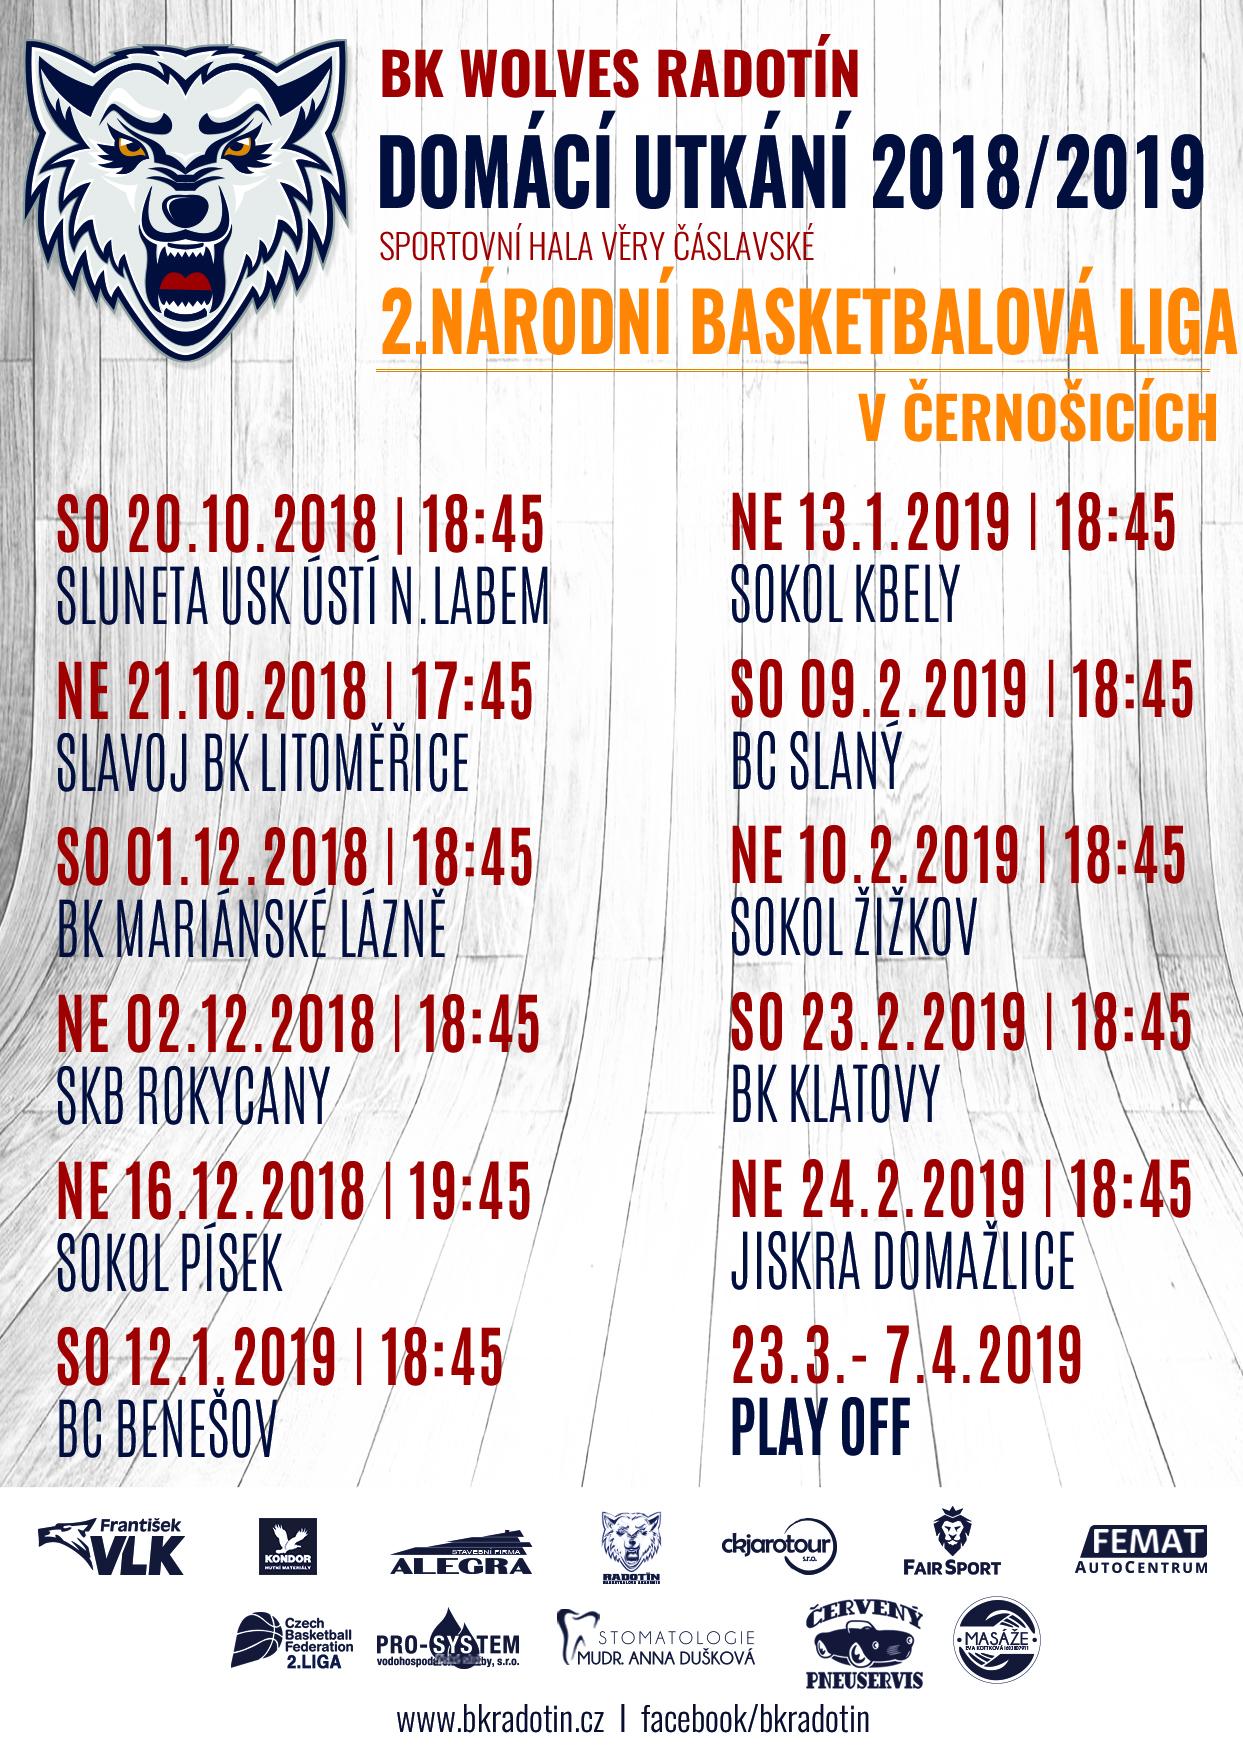 Domácí utkání v Černošicích 2018/19